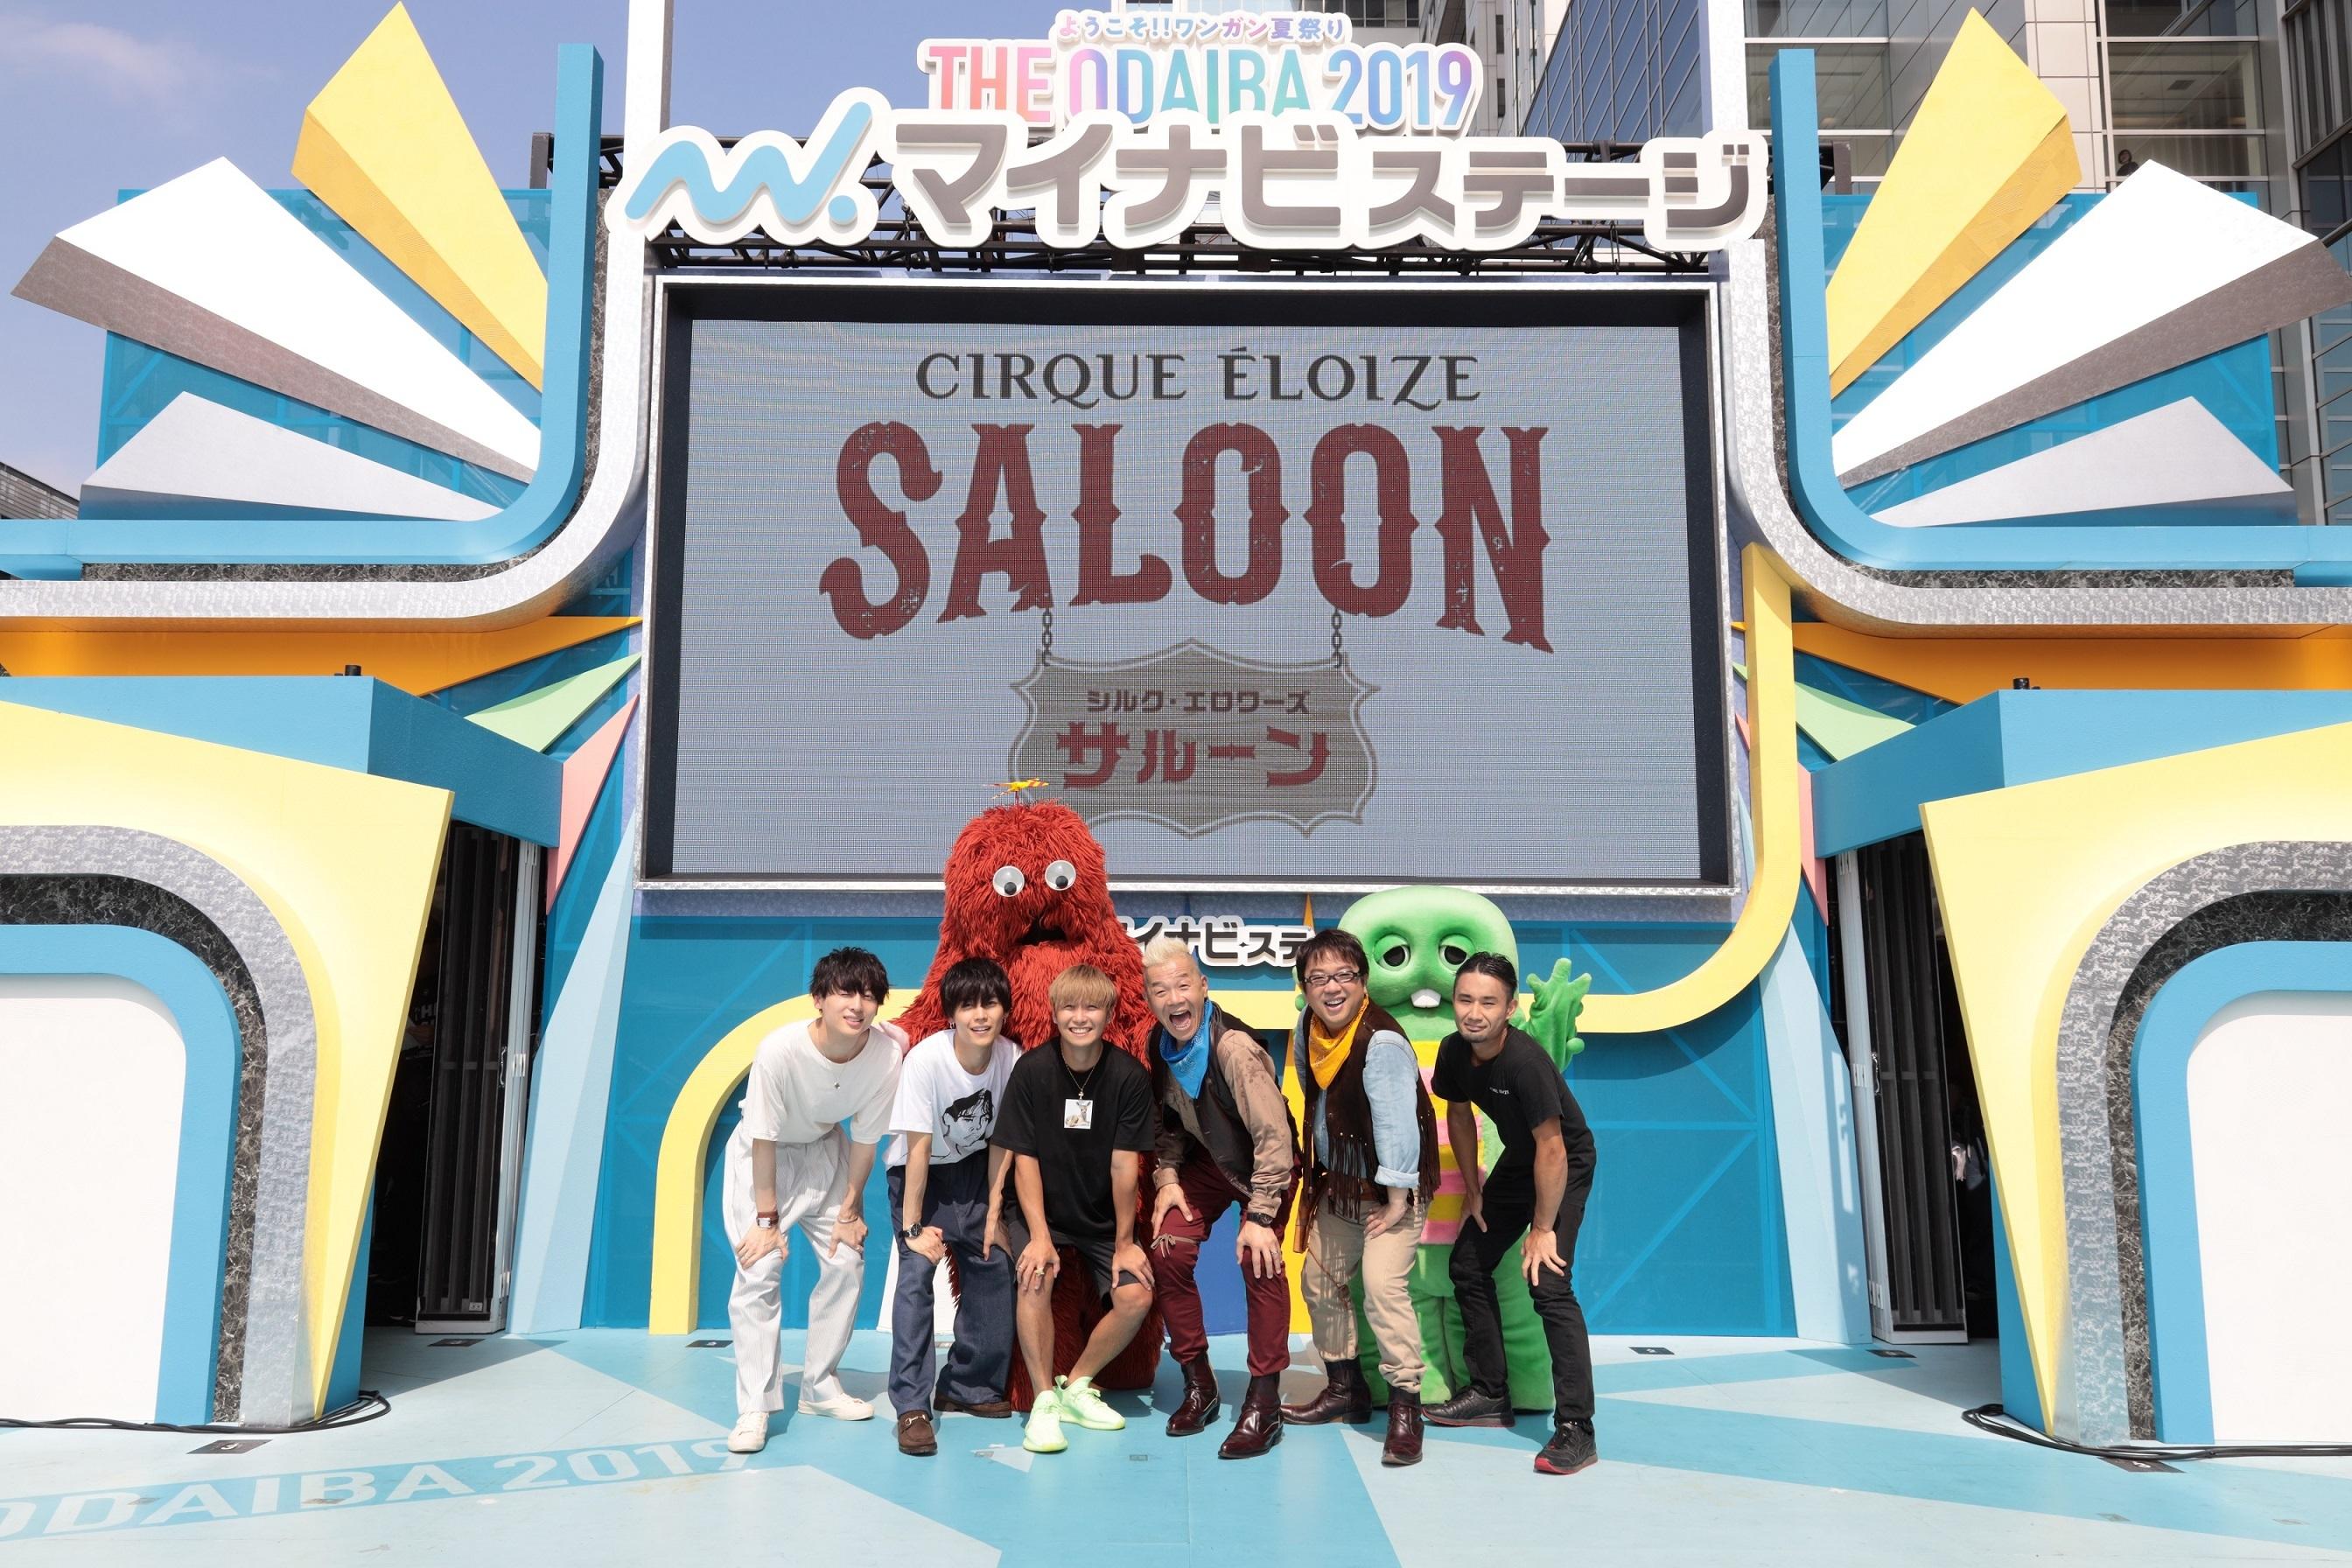 前列左から Da-iCE(⼯藤⼤輝、岩岡徹、⼤野雄⼤)、キャイ〜ン(天野ひろゆき・ウド鈴⽊)、Urawa Arata 後列左から ムック ガチャピン